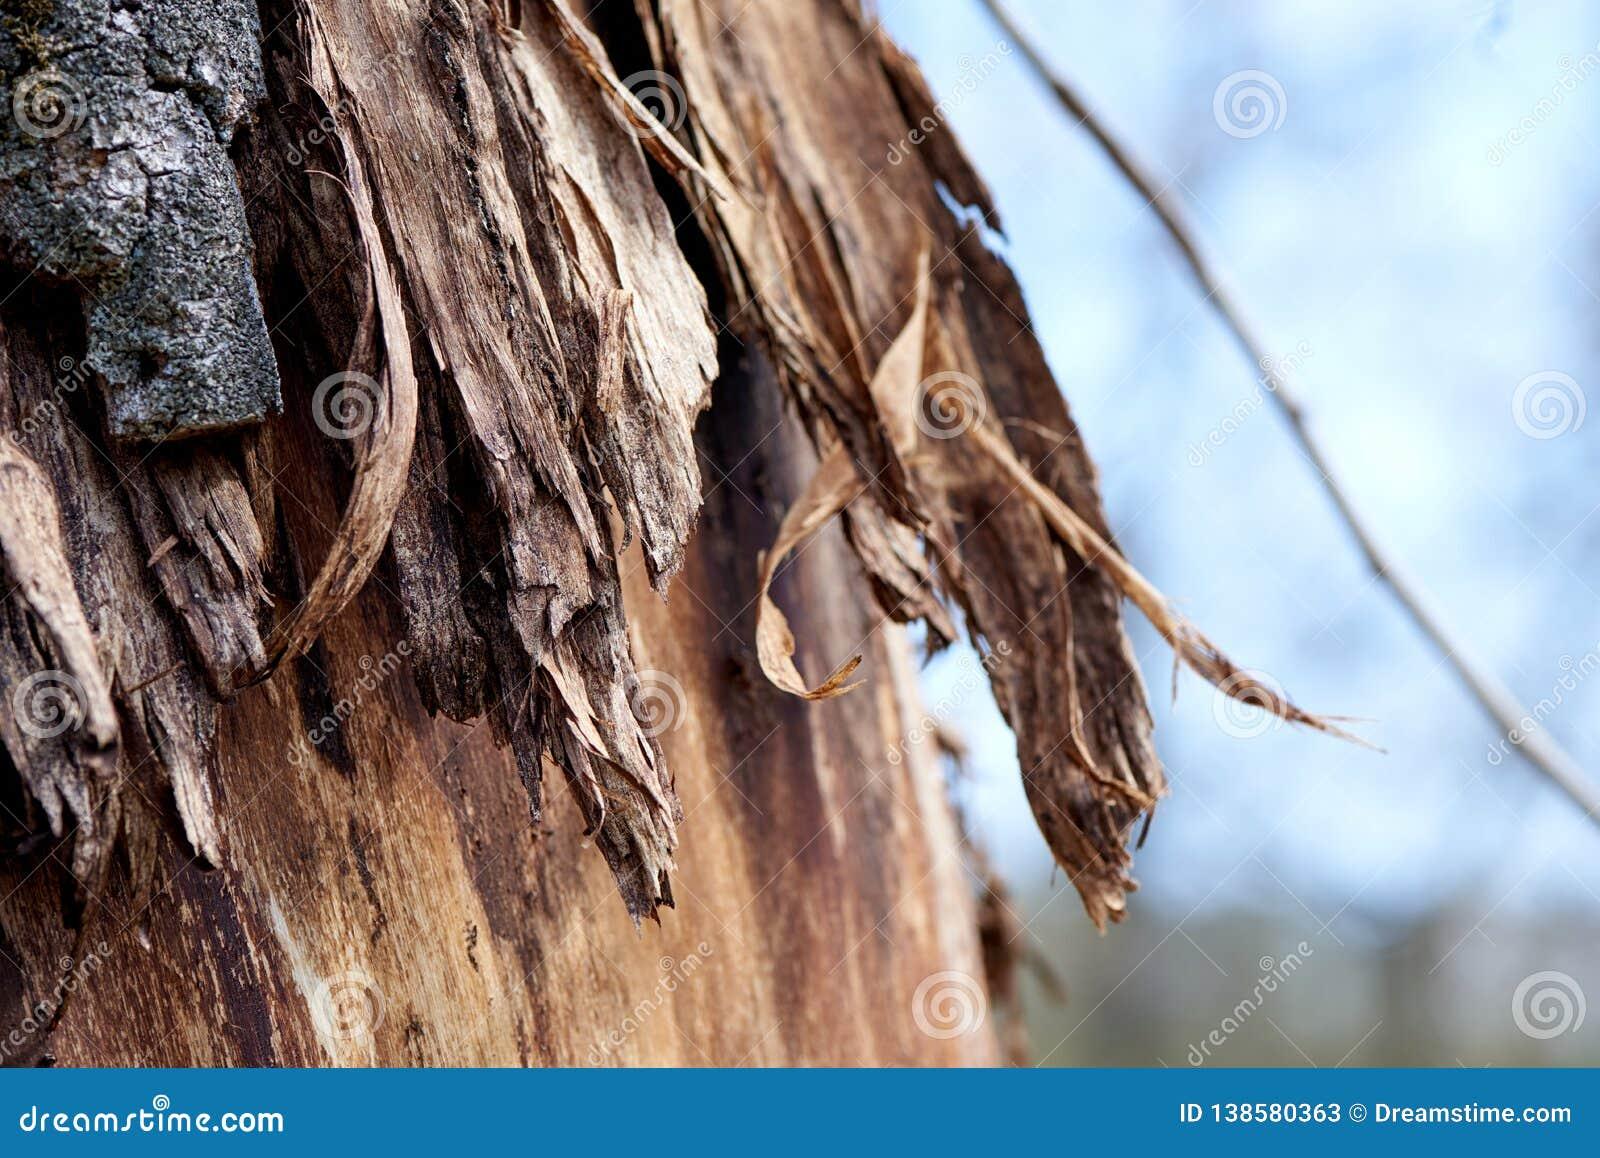 Skäll på ett träd som hudflängas delvist